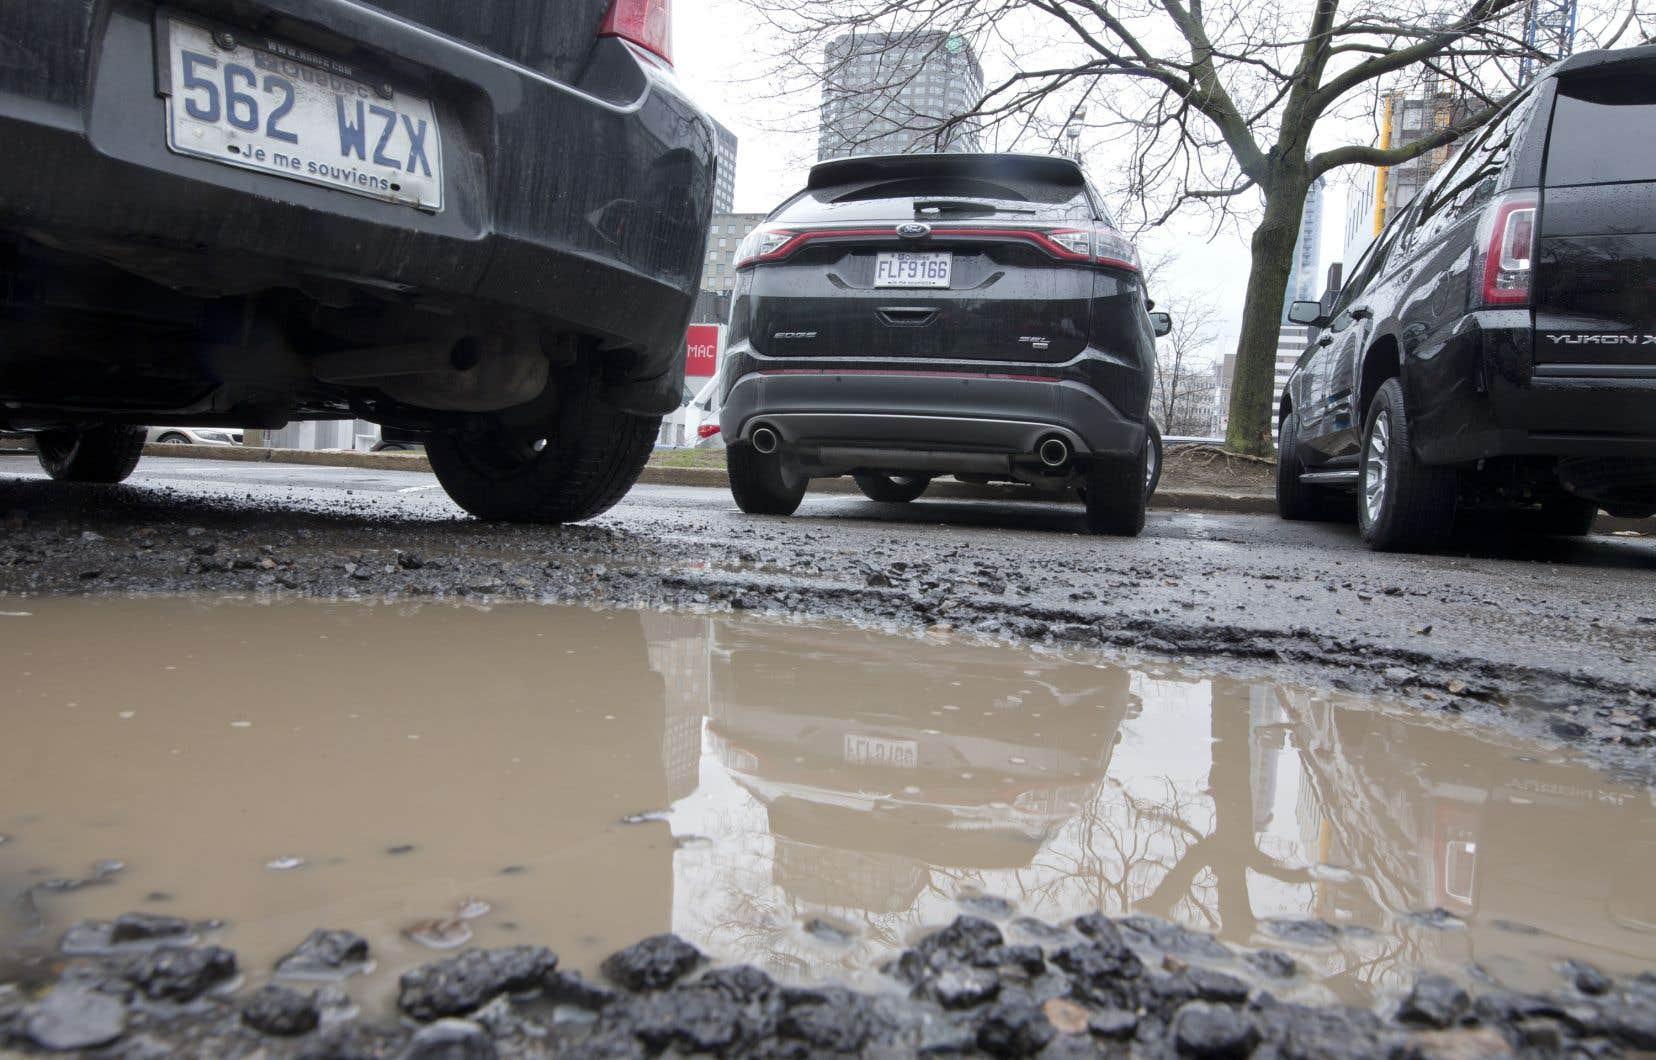 Les automobilistes ont du mal à se faire indemniser pour les bris que les nids-de-poule occasionnent aux pneus, aux roues ou à la suspension de leur véhicule.